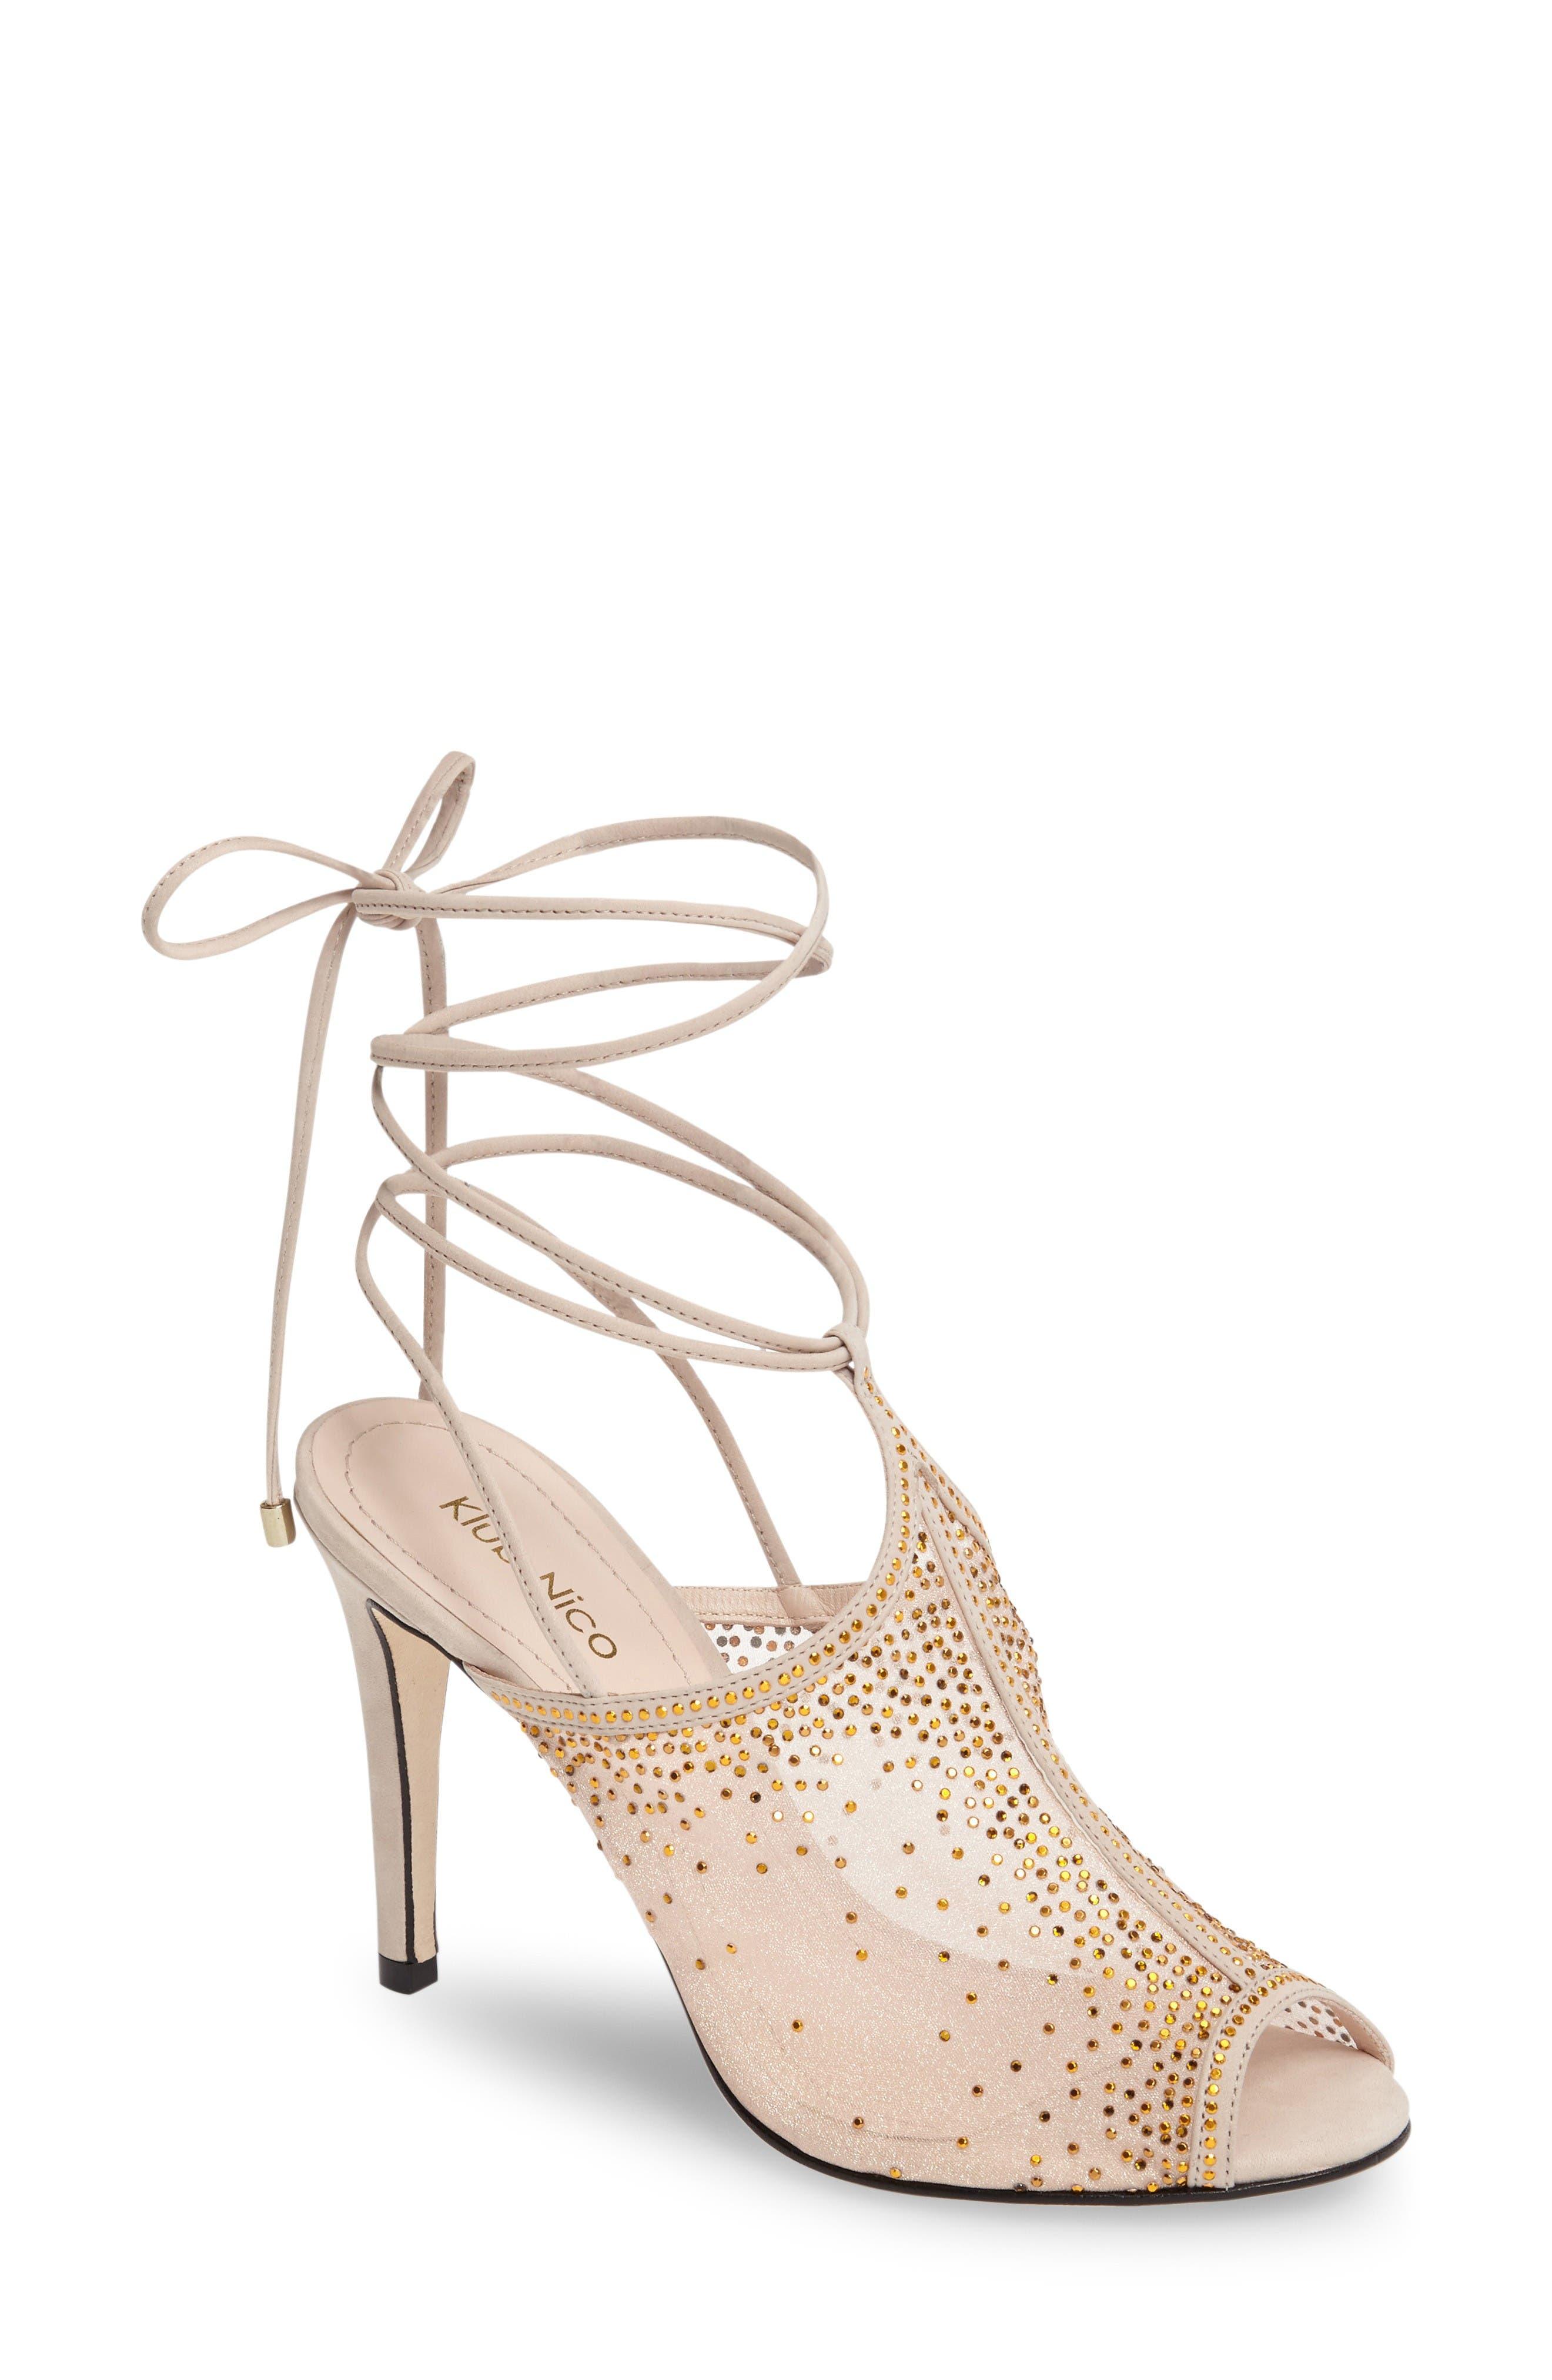 Main Image - Klub Nico Margeaux Embellished Wraparound Sandal (Women)